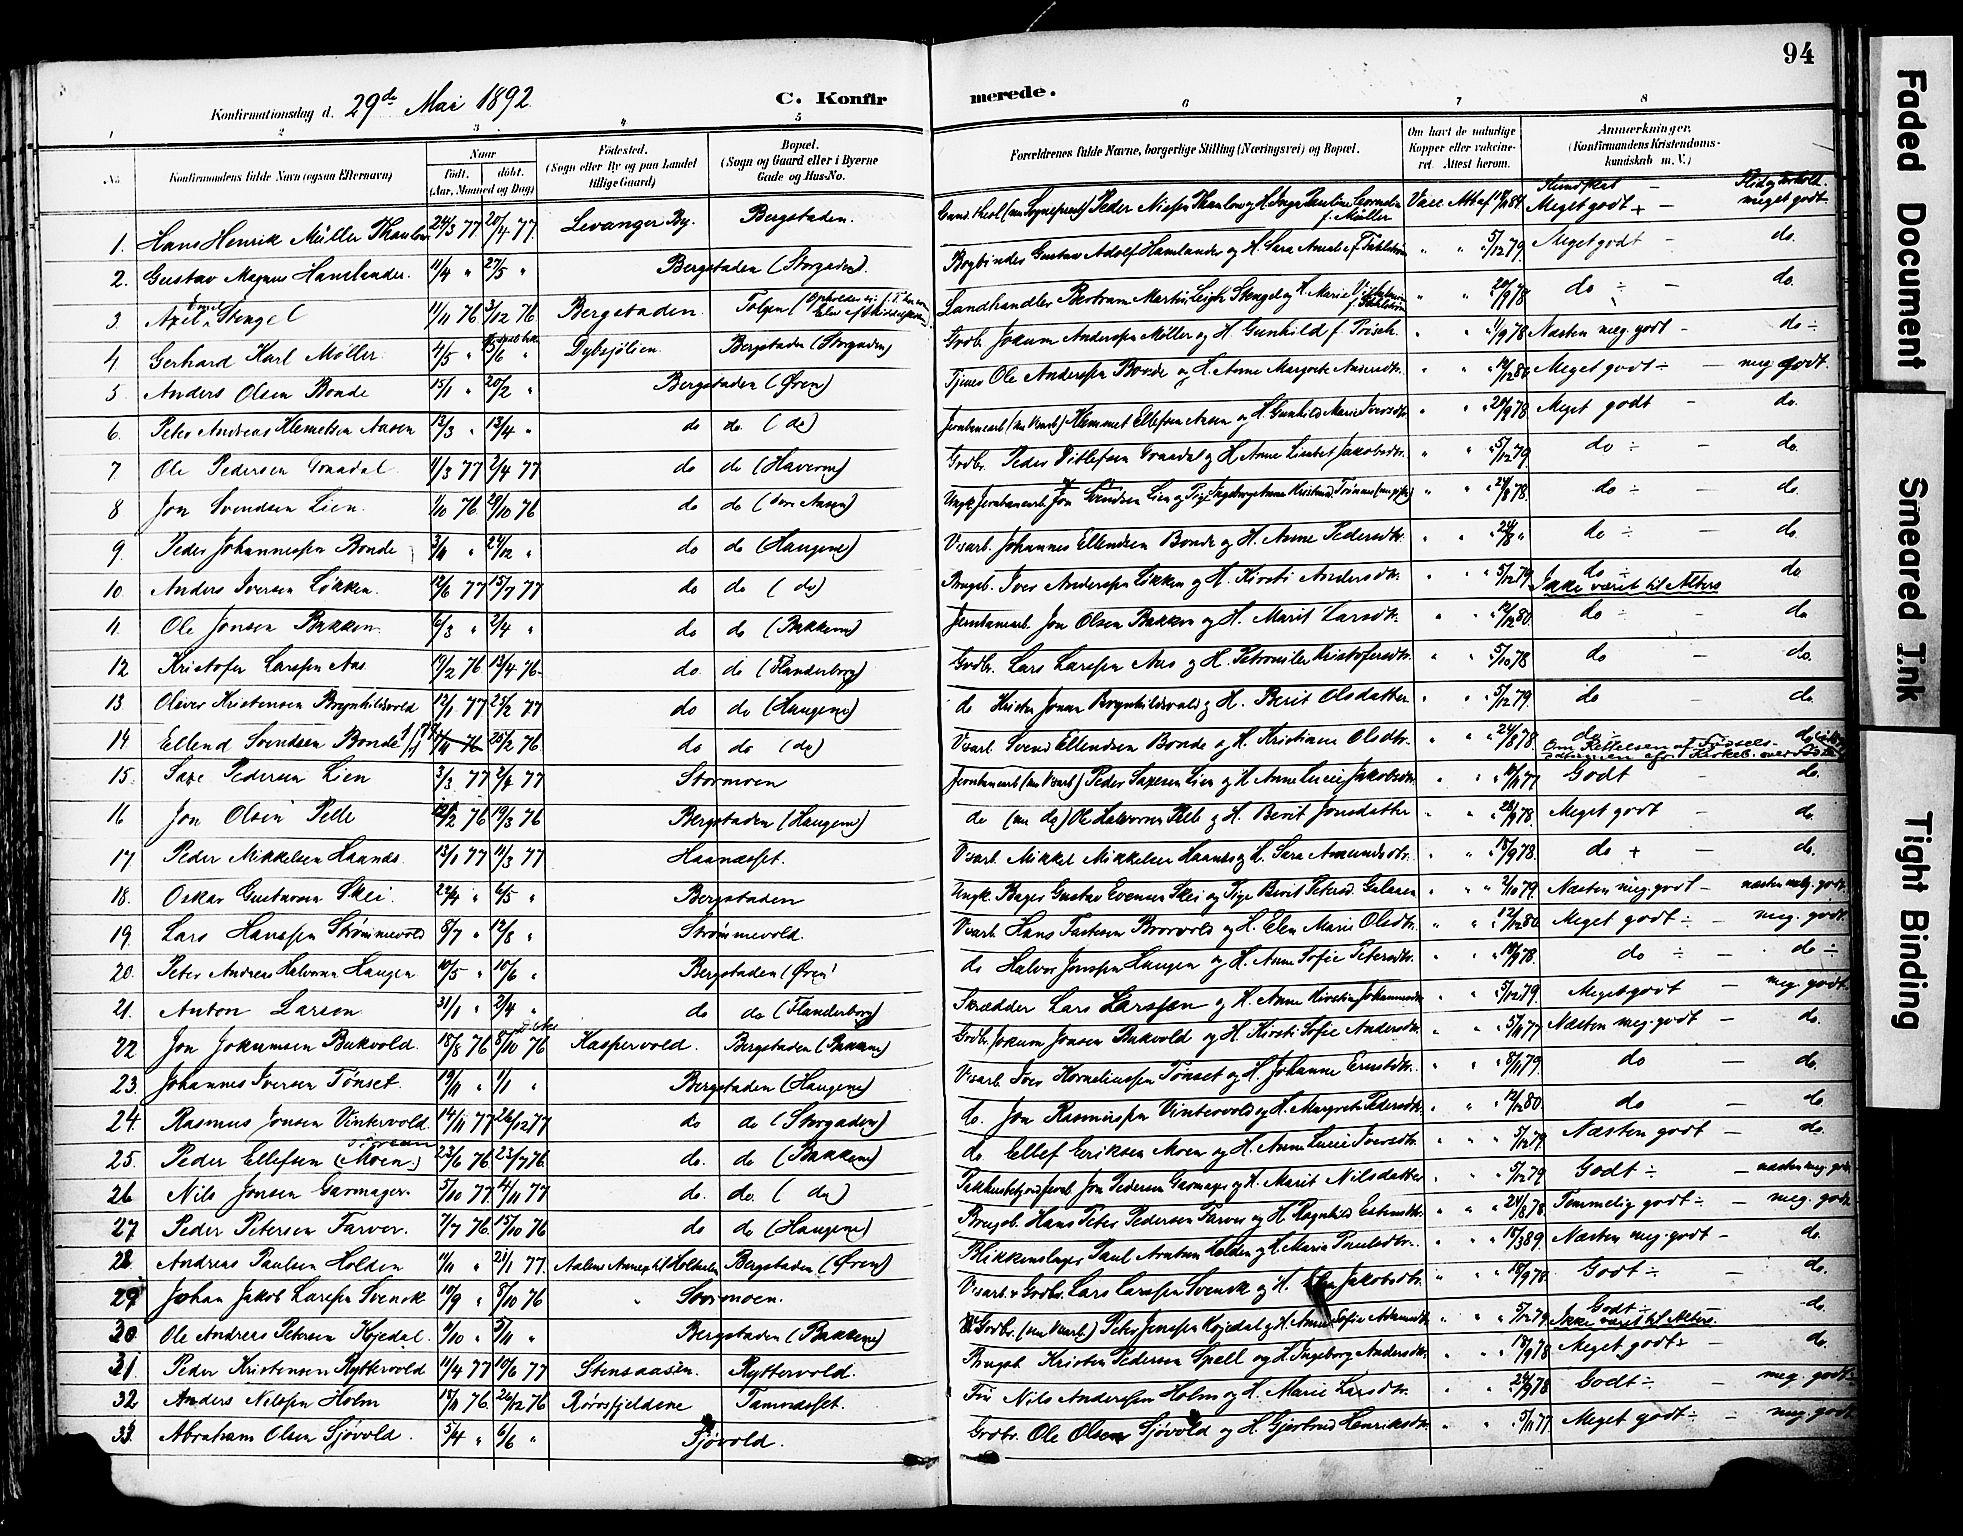 SAT, Ministerialprotokoller, klokkerbøker og fødselsregistre - Sør-Trøndelag, 681/L0935: Ministerialbok nr. 681A13, 1890-1898, s. 94